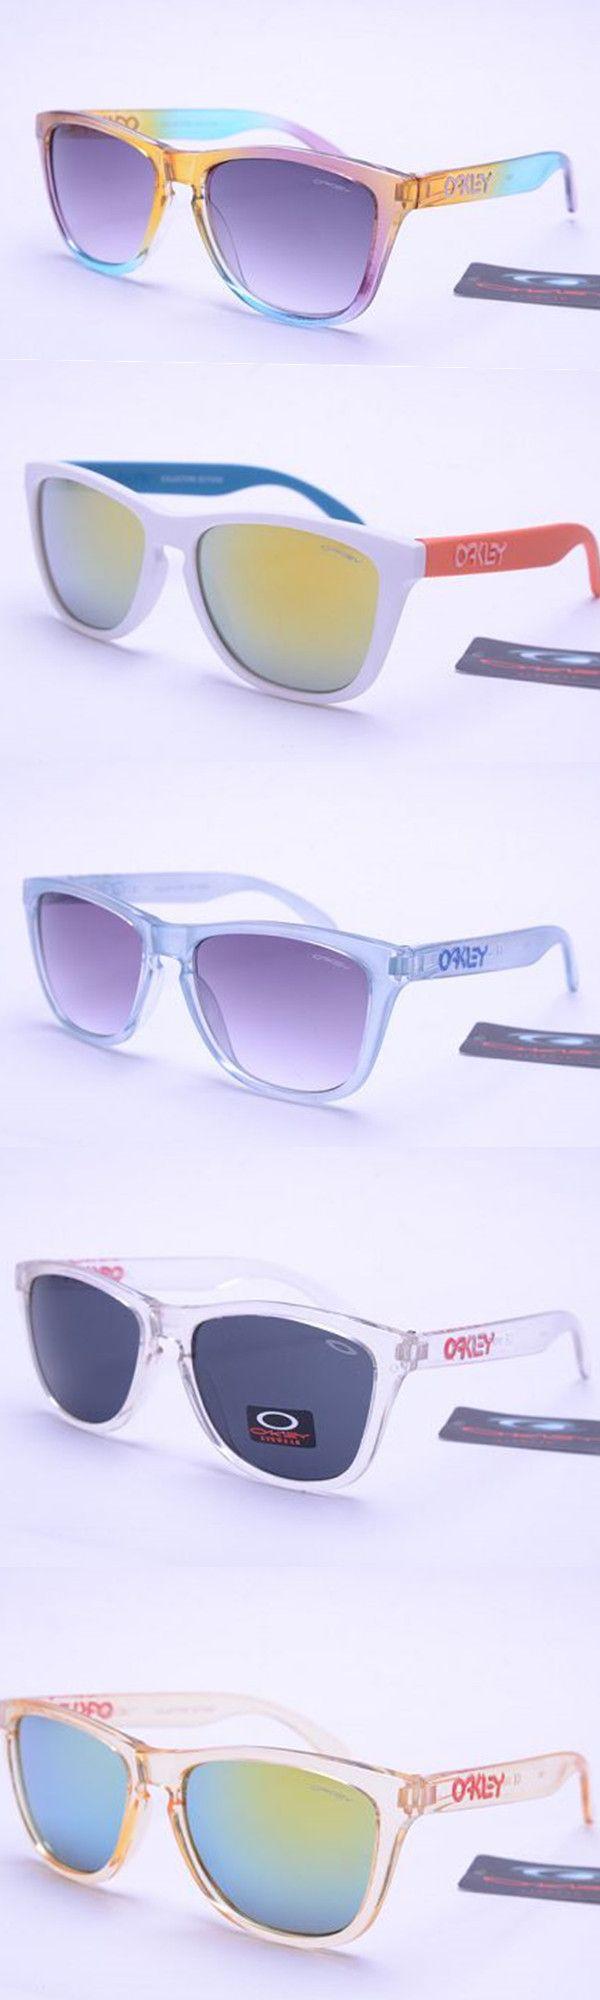 oakley sunglasses sale twitter  womens oakley frogskins rainbow multi color sunglasses